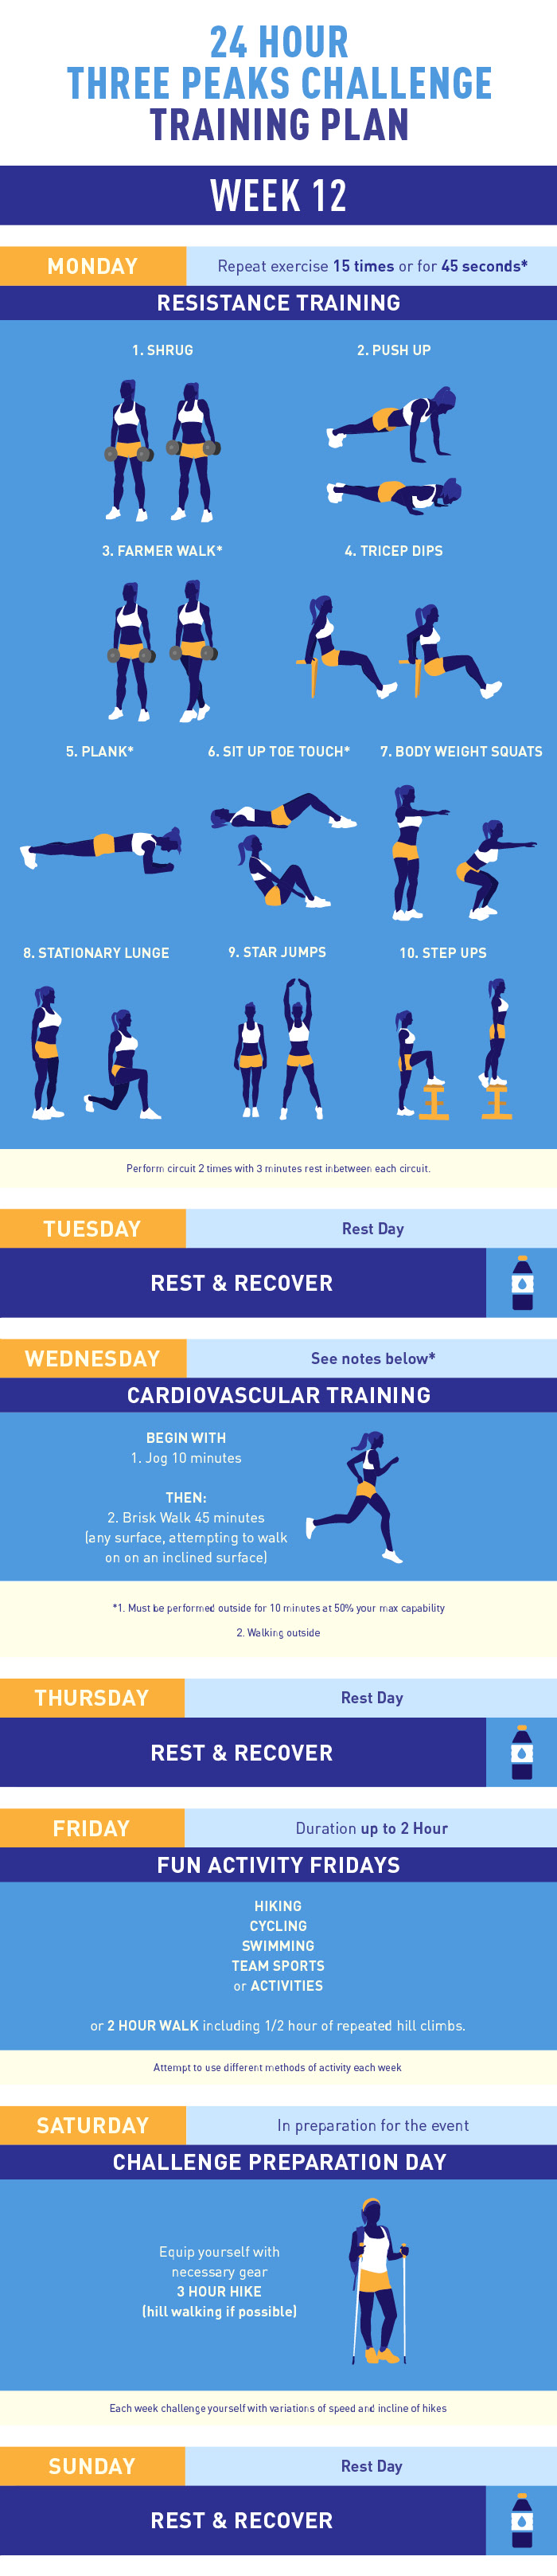 Three Peaks Challenge training plan week 12